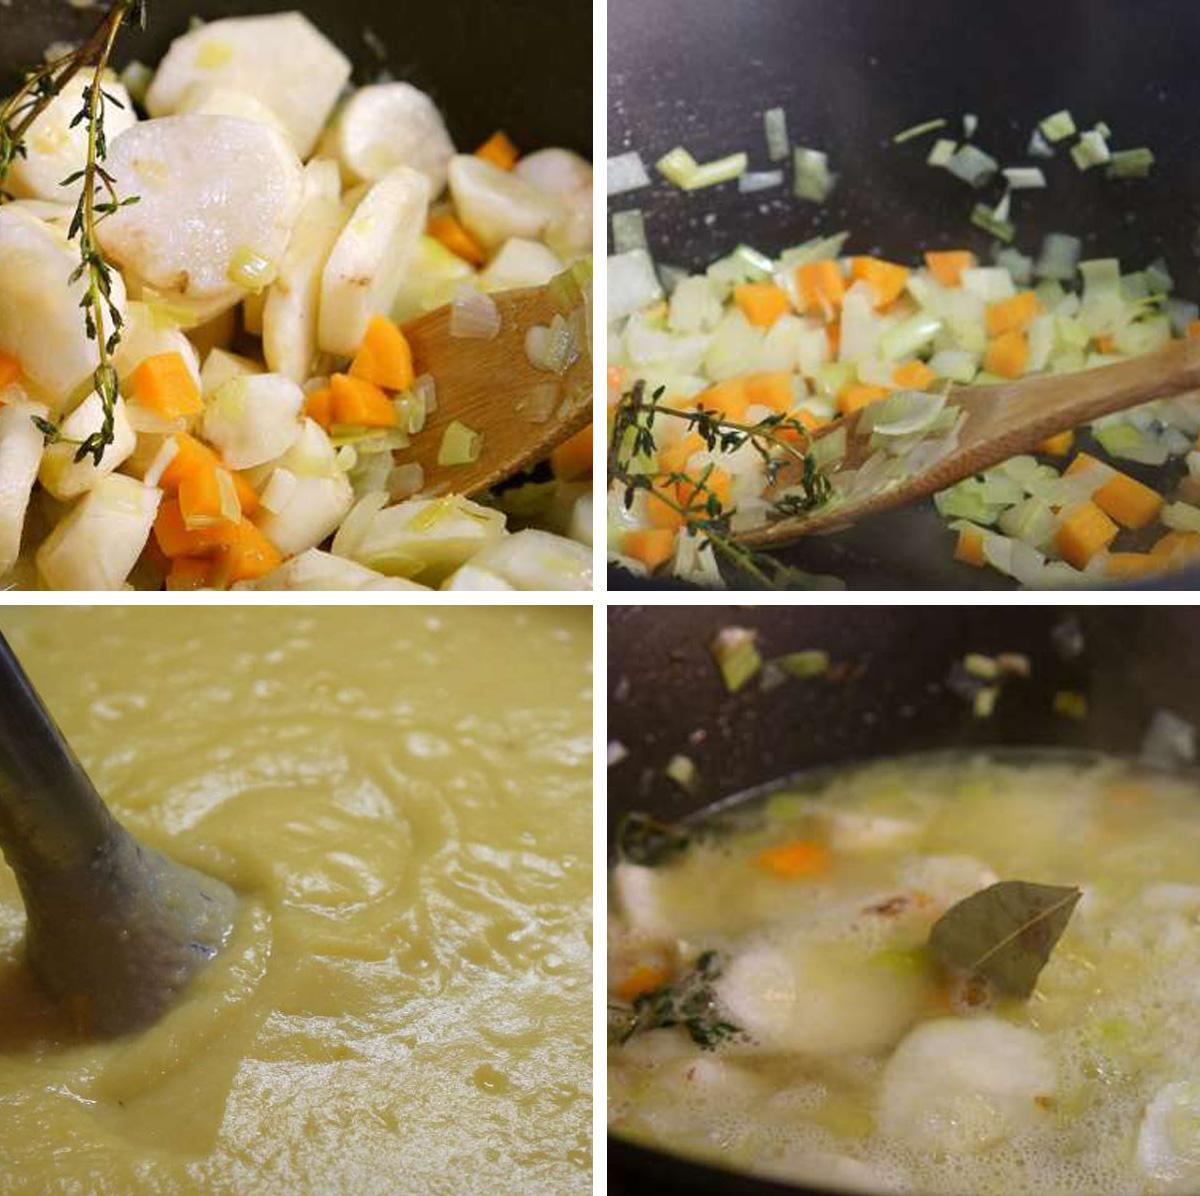 מרק ארטישוק ירושלמי, גבישס - בלוג האוכל של מירב גביש